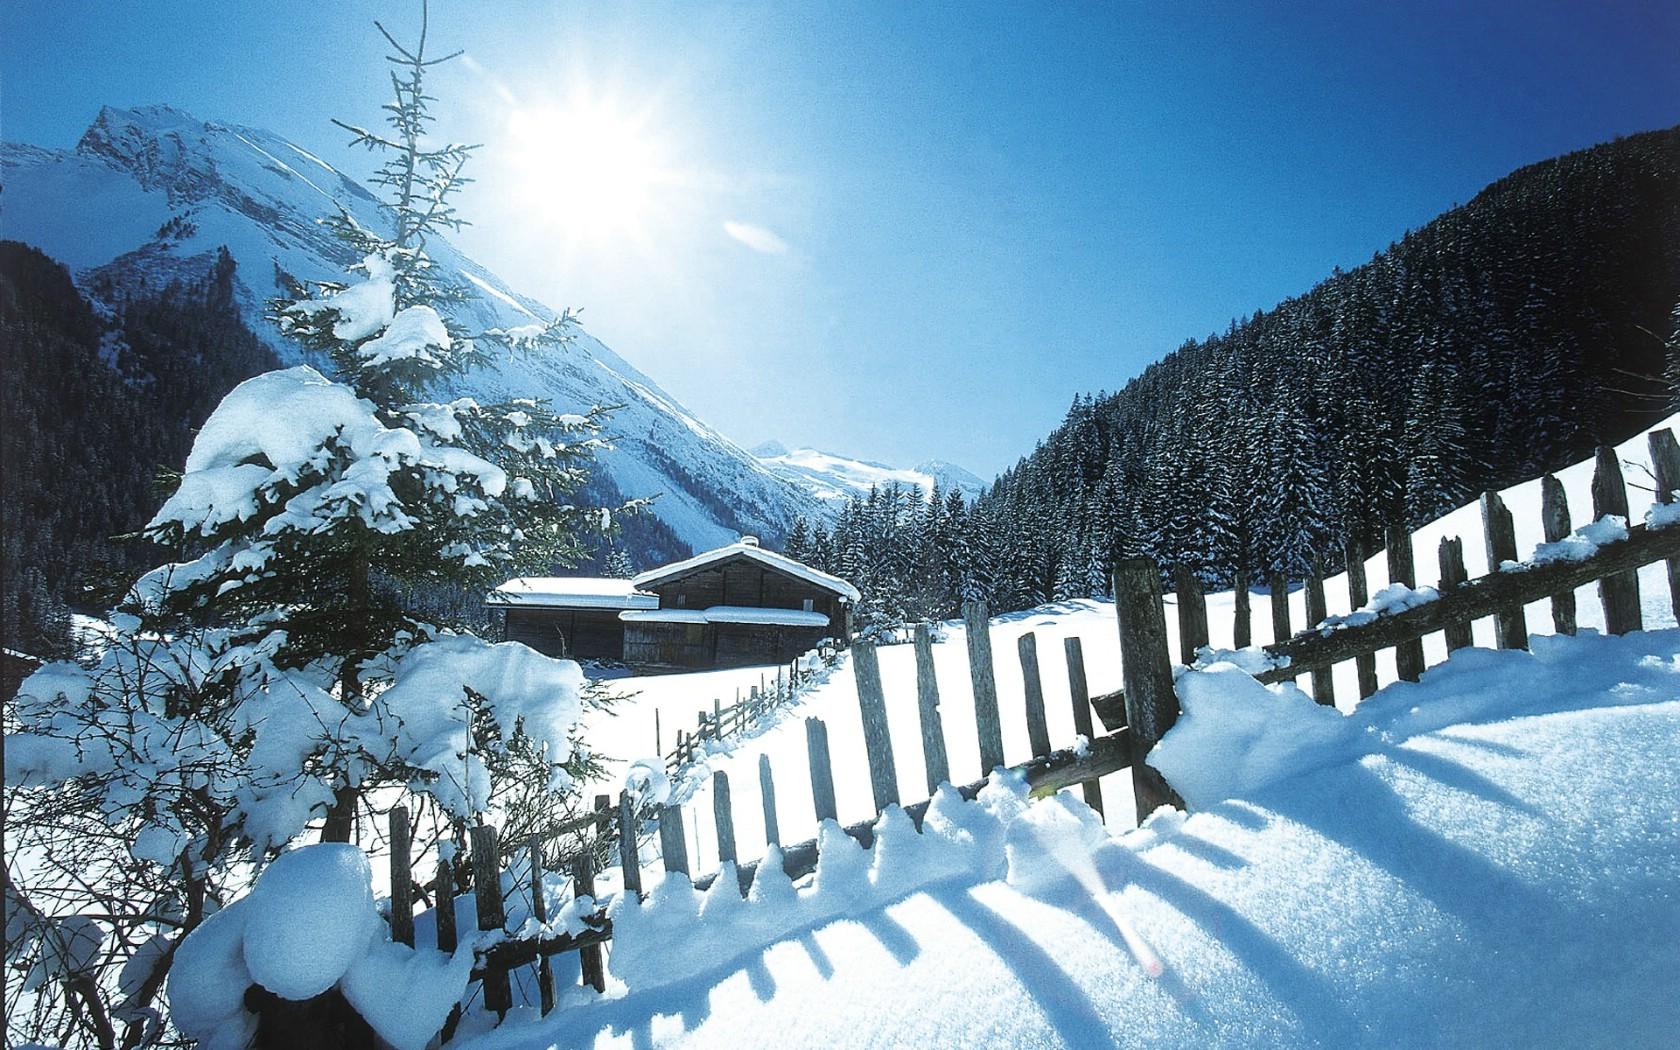 壁纸1680×1050滑雪圣地 阿尔卑斯山度假壁纸 雪山小屋图片壁纸壁纸 滑雪圣地阿尔卑斯山度假壁纸壁纸图片人文壁纸人文图片素材桌面壁纸